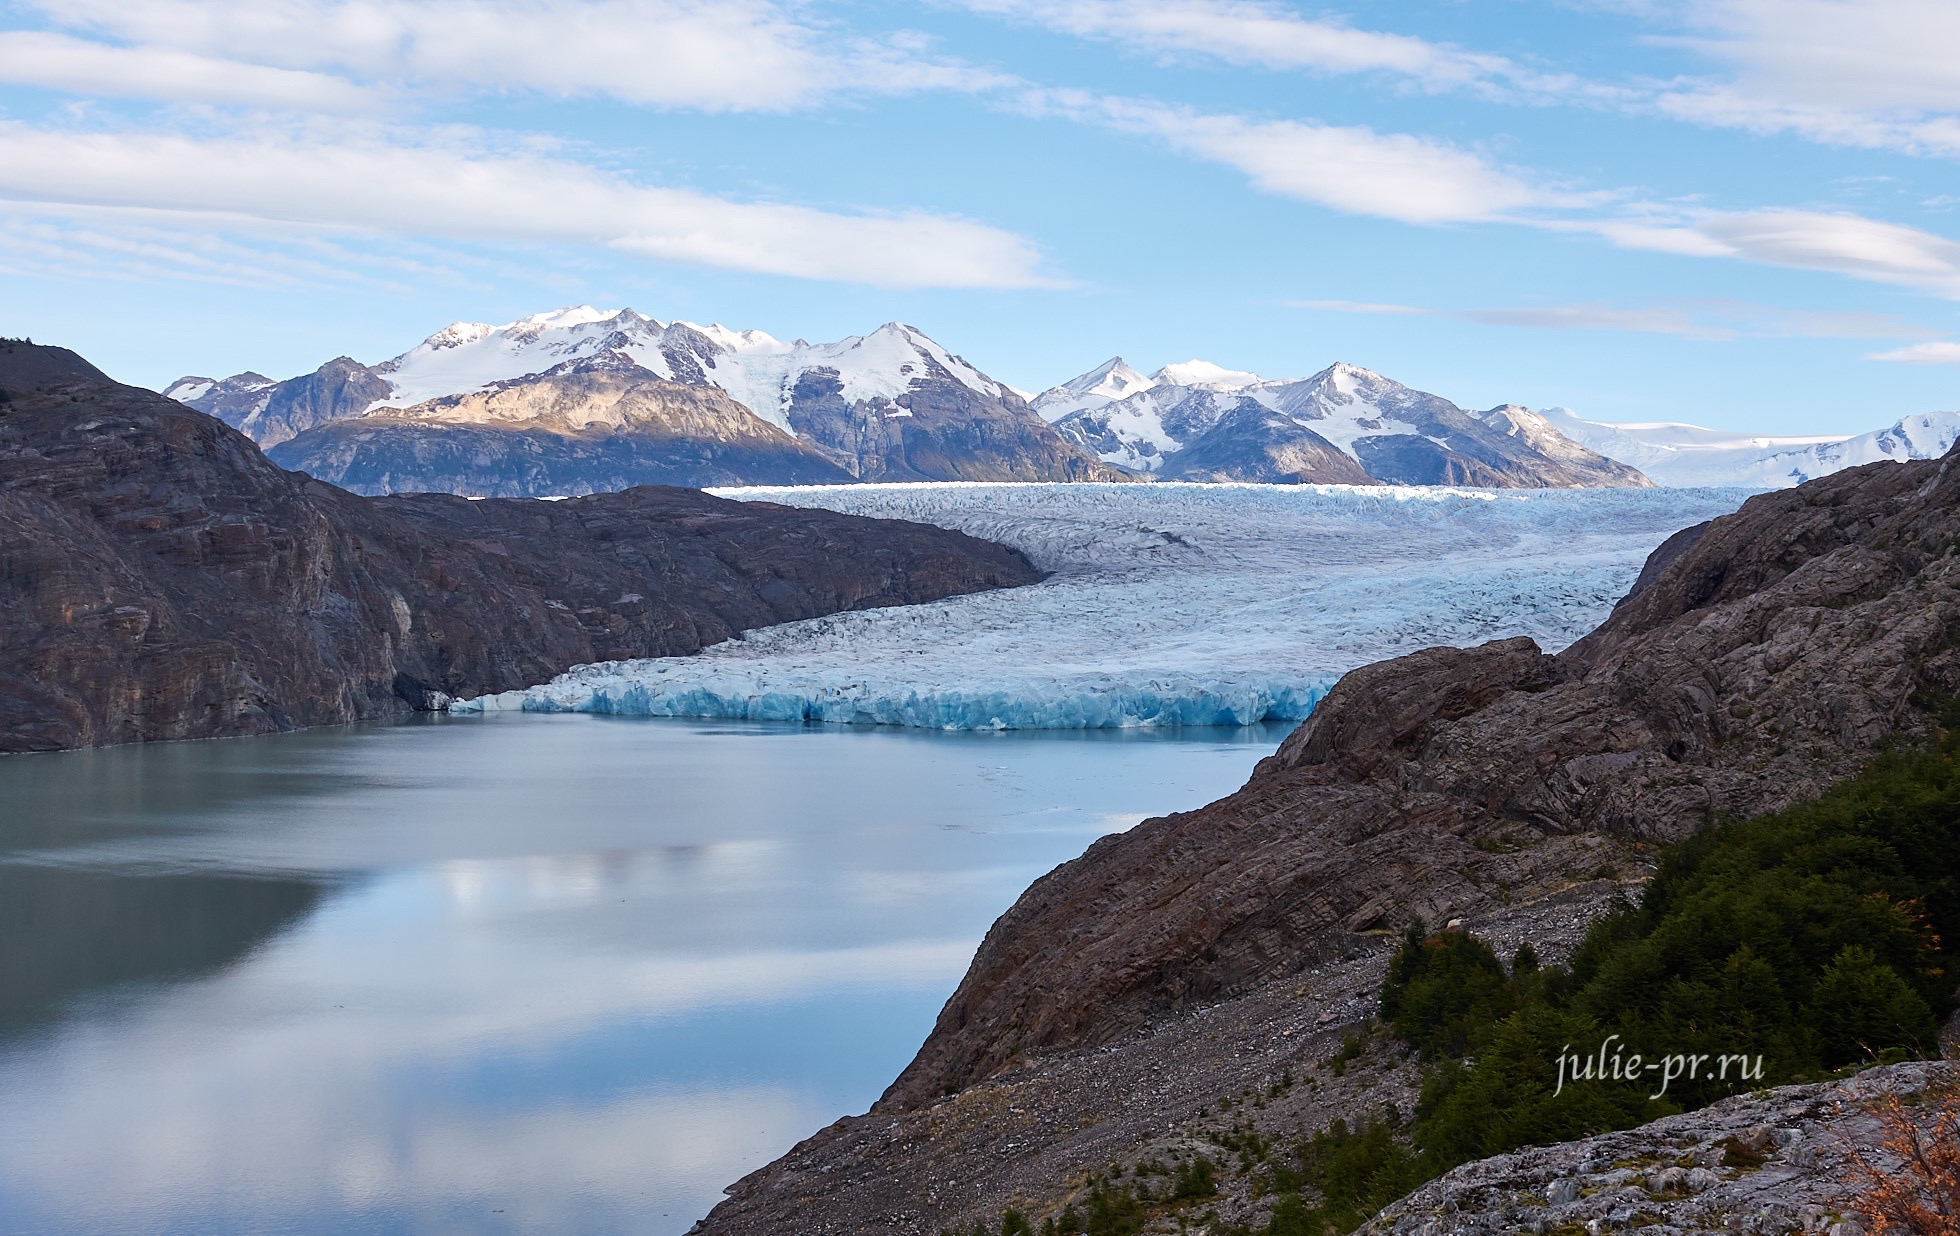 Чили, Патагония, Торрес-дель-Пайне, озеро и ледник Грей